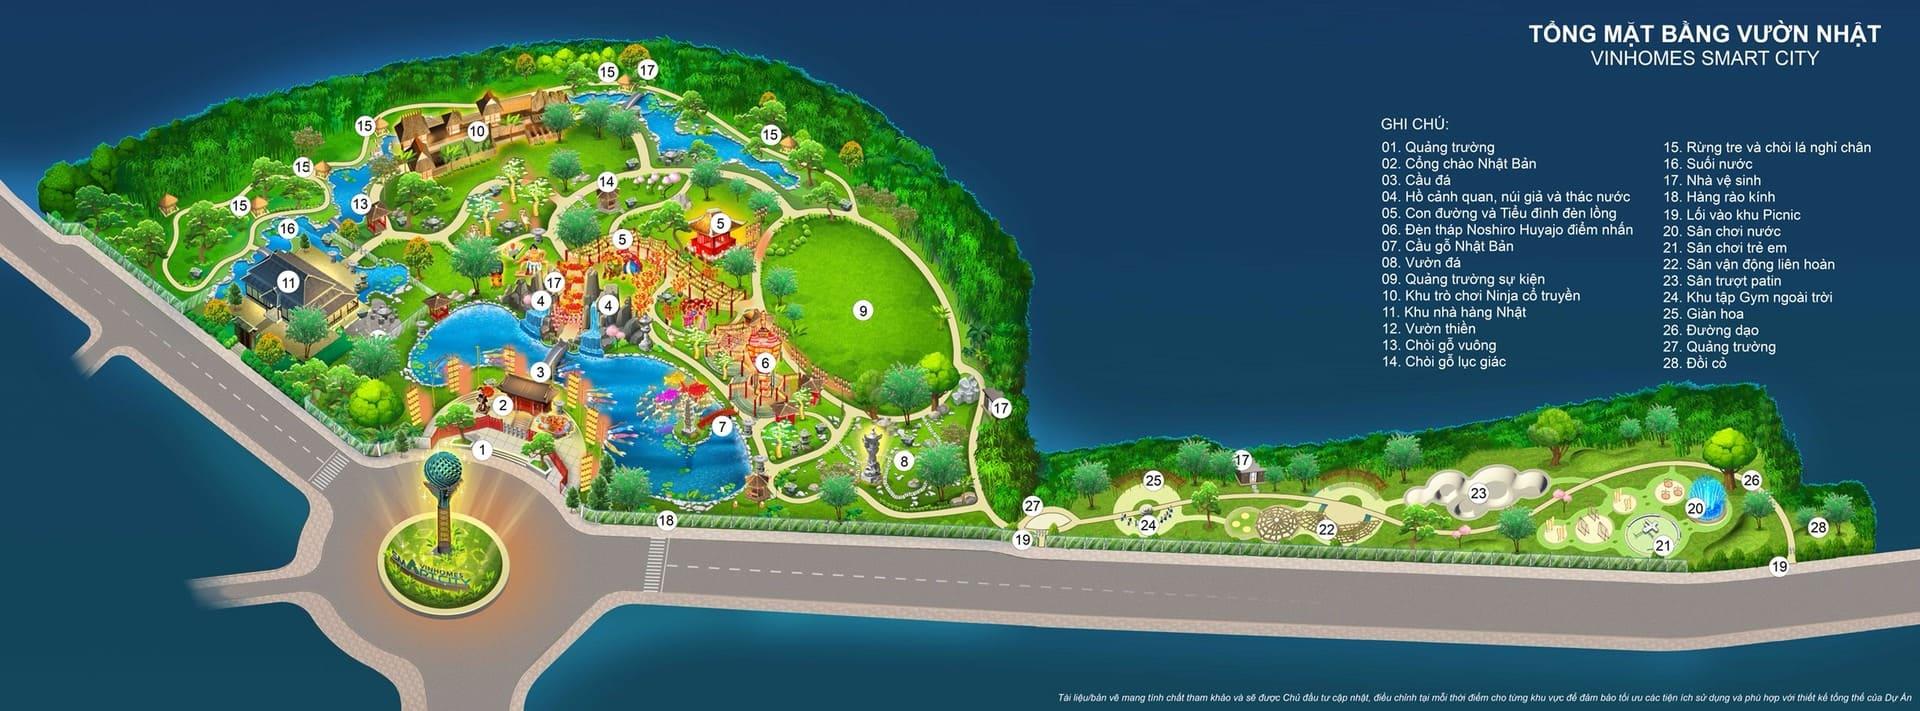 mặt bằng tiện ích vườn nhật vinhomes smart city